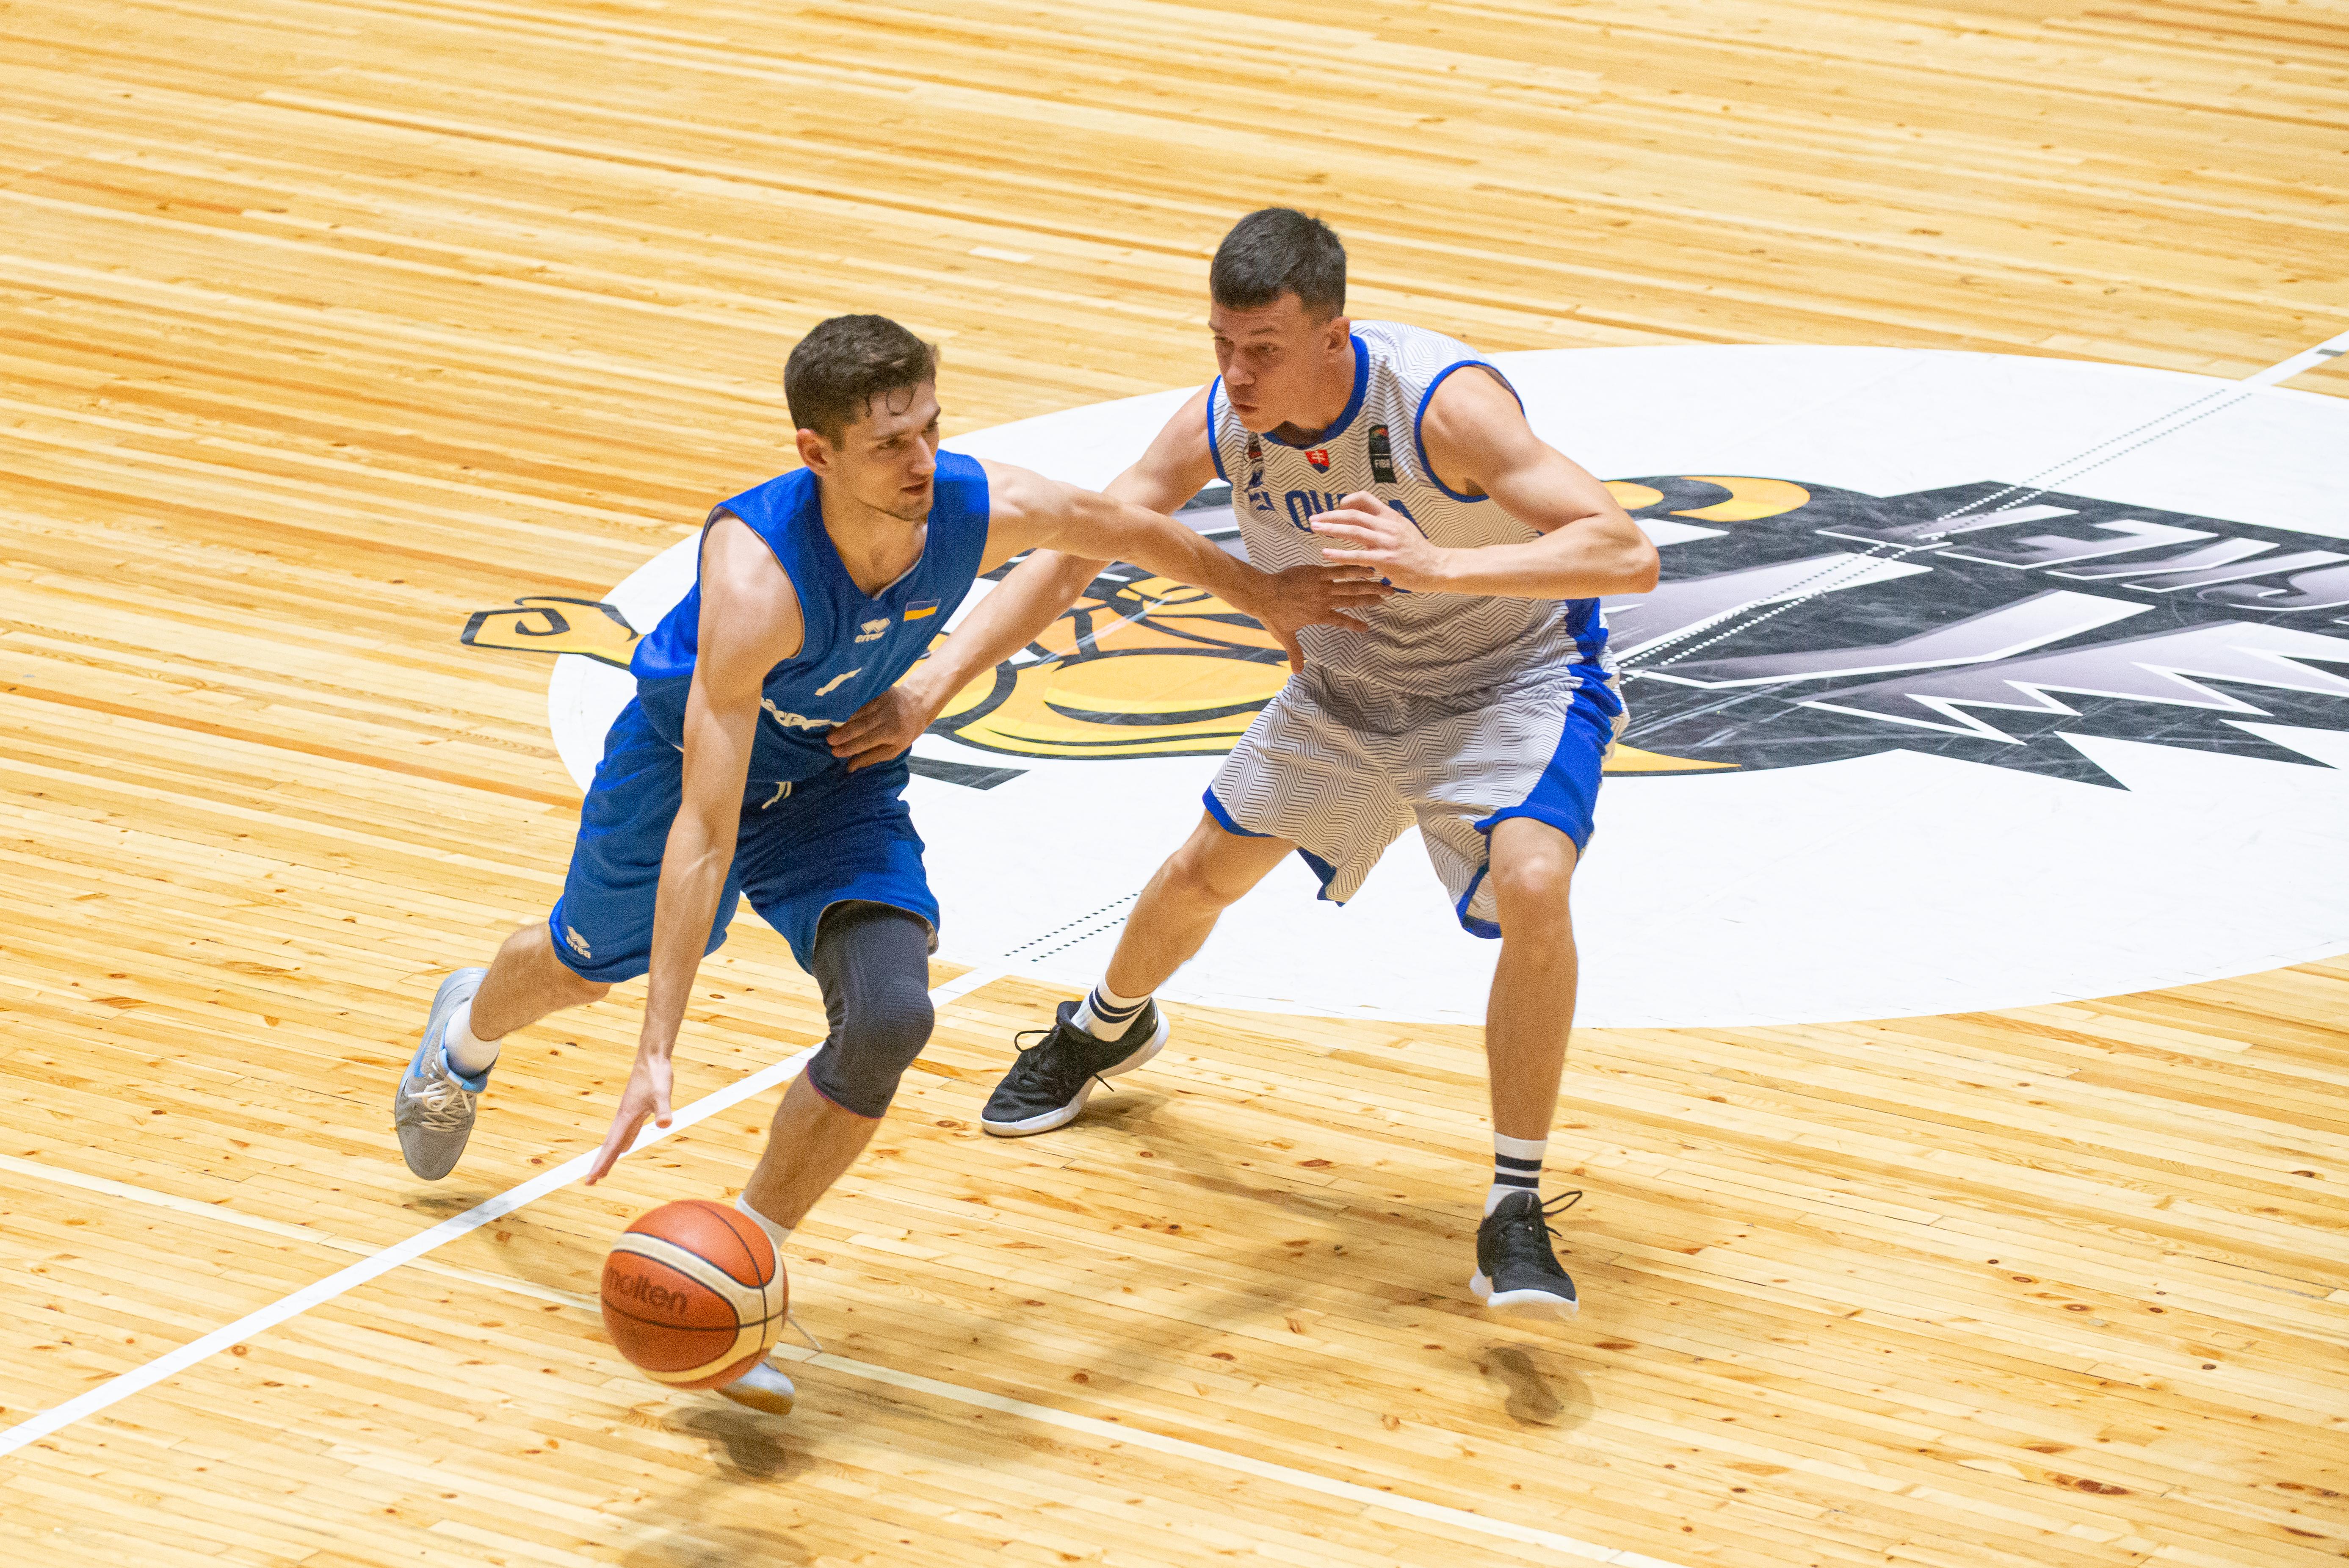 Товариський турнір в Києві: Україна U-20 розгромила Словаччину U-20